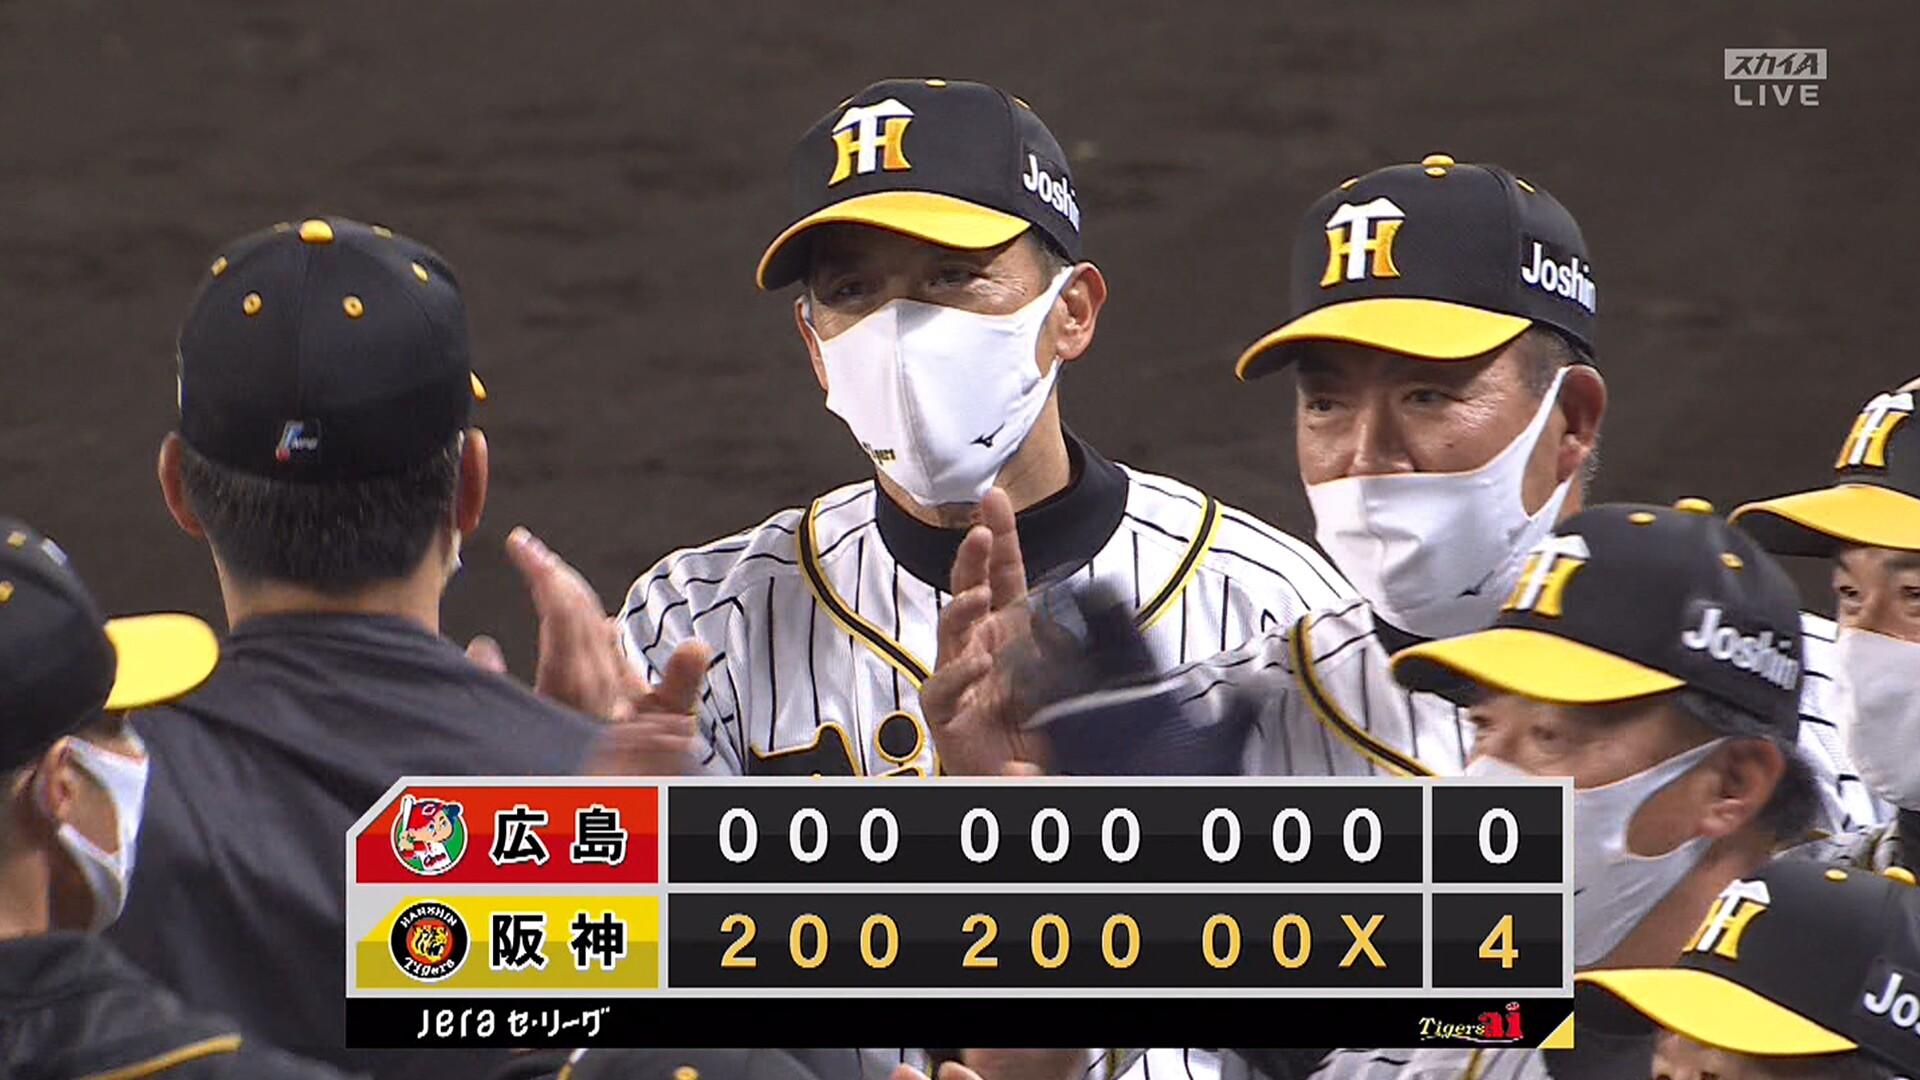 阪神、バカ強い! 投打かみ合い5連勝wwwww